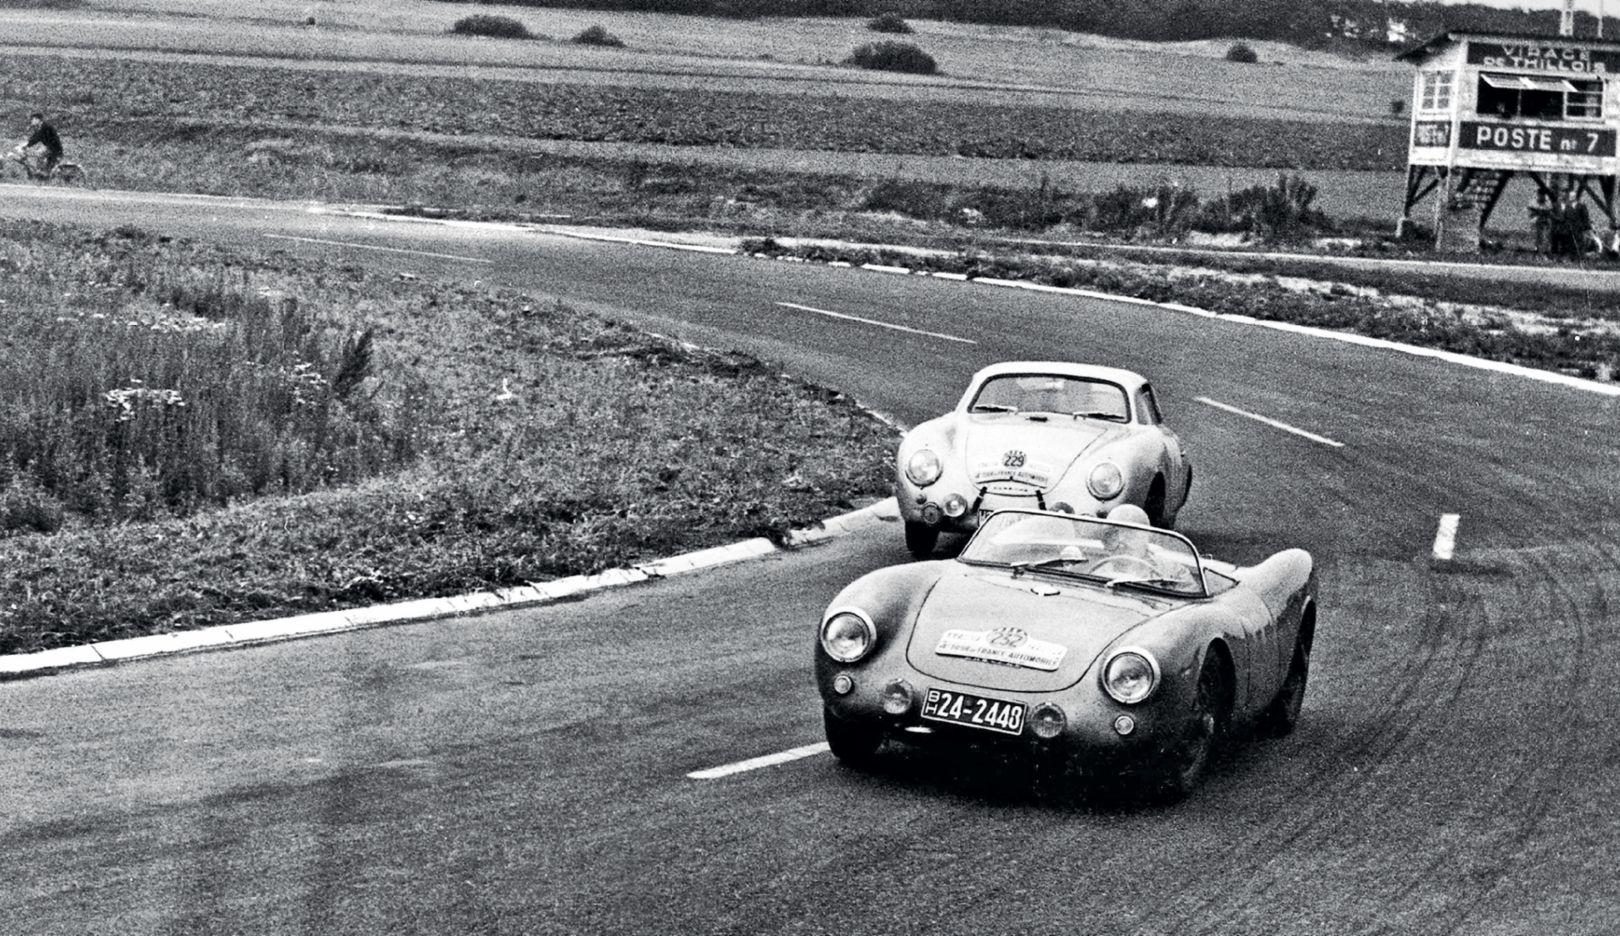 安妮·布斯科特和吉尔伯特·蒂里翁(Gilberte Thirion), 550 Spyder,汽车环法大赛, 1954, 保时捷